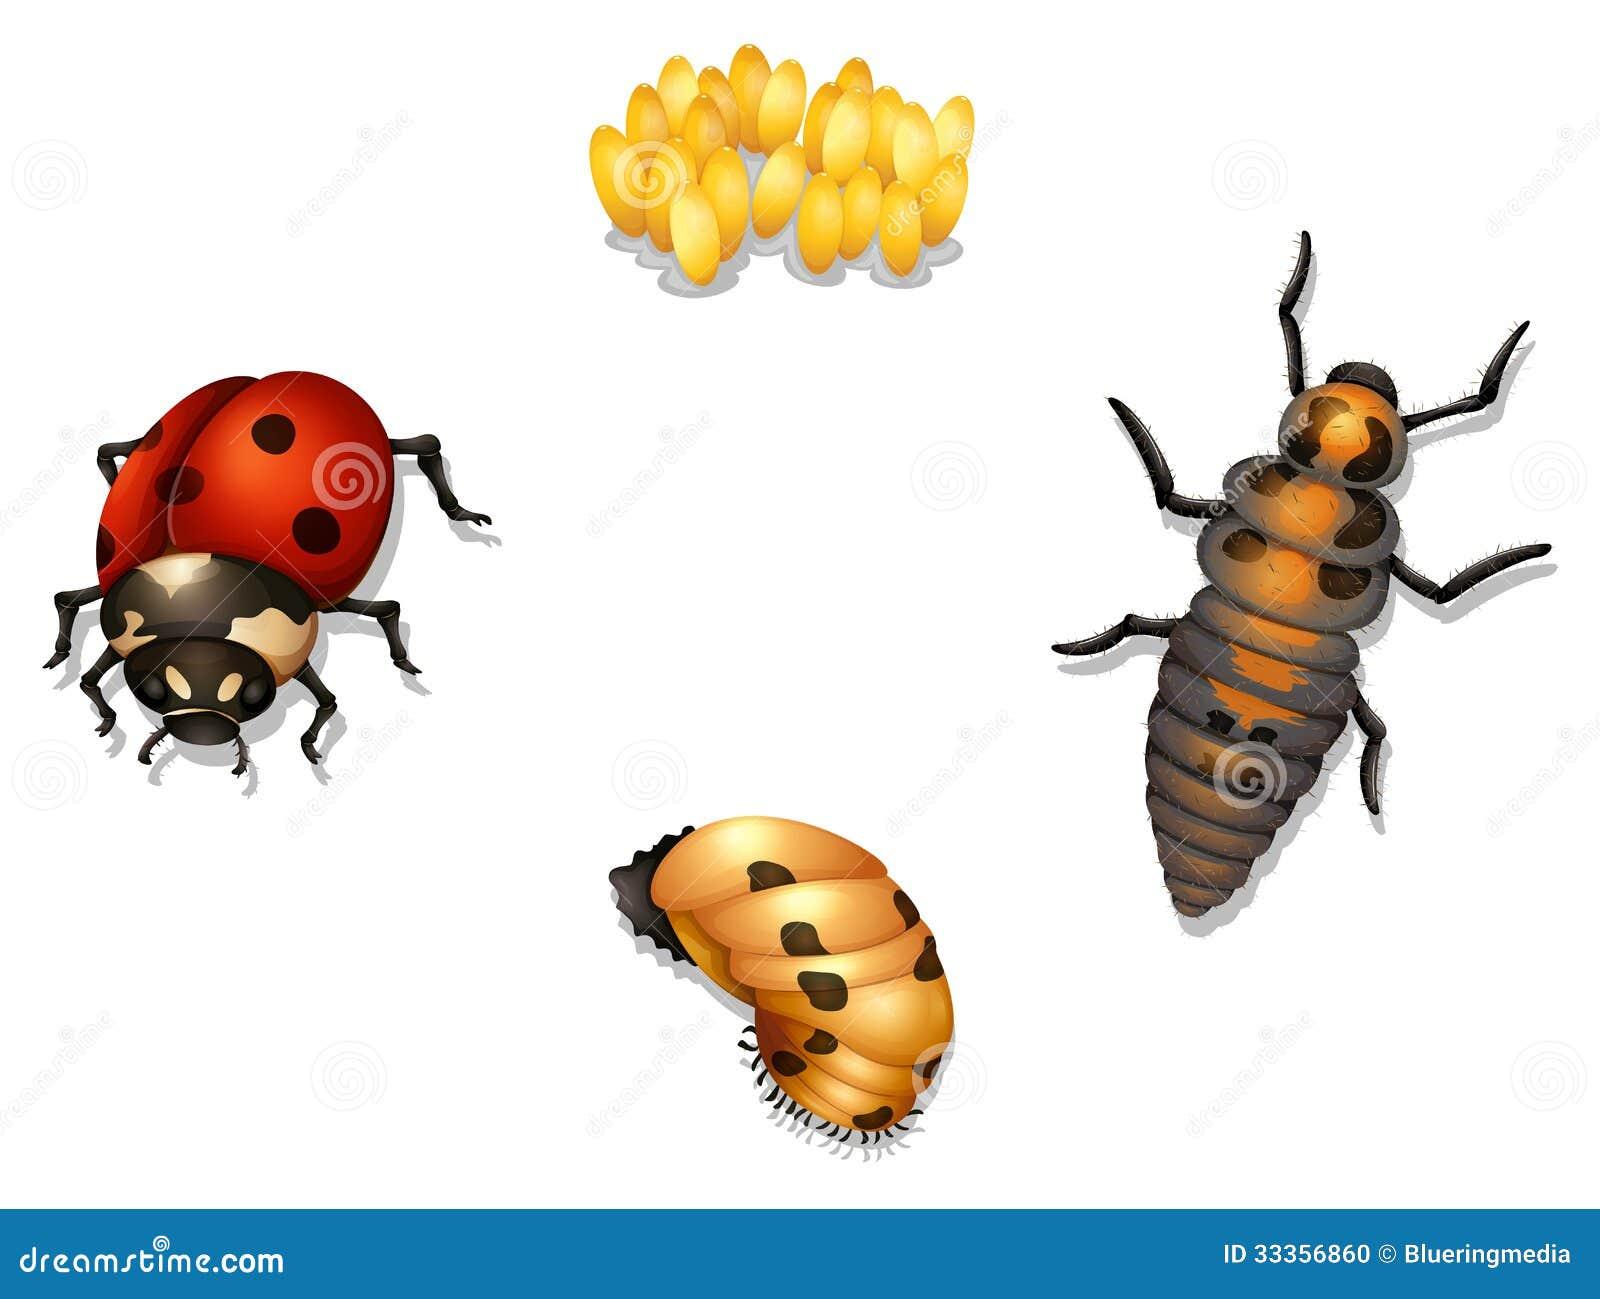 Ladybug Life Cycle Stock Photo - Image: 33356860